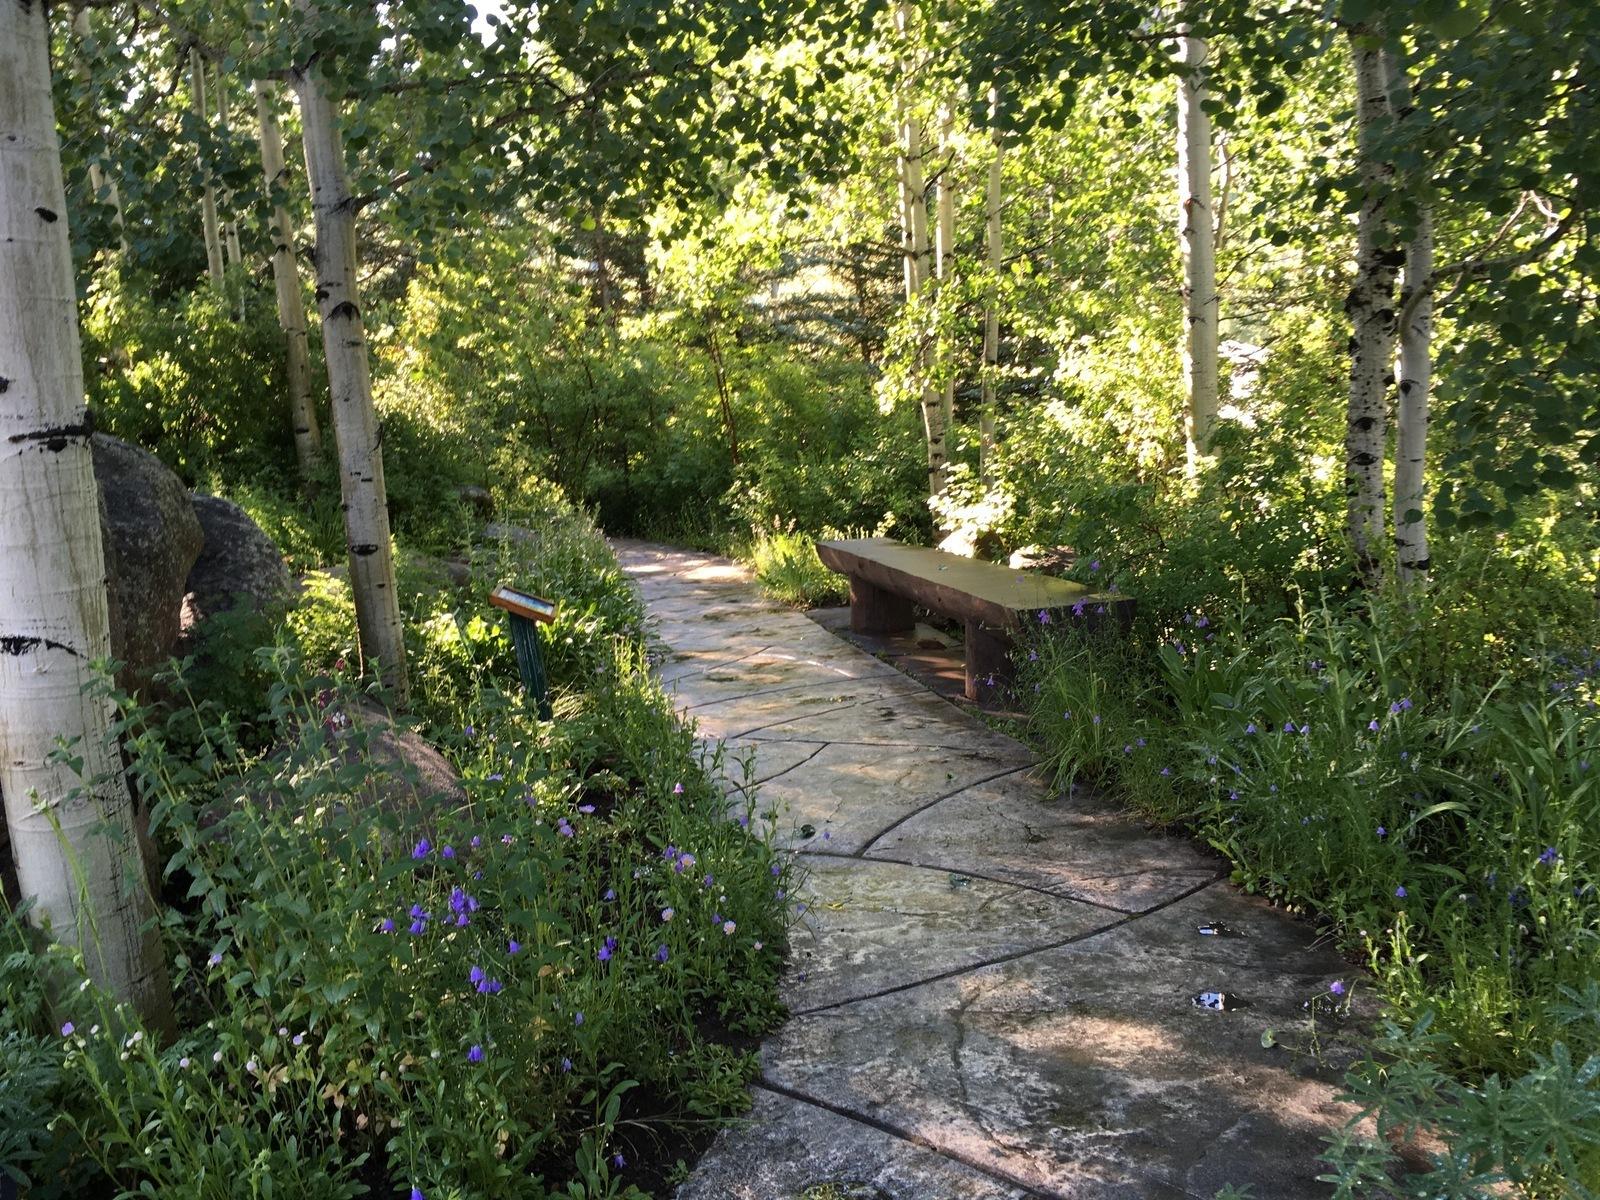 Betty Ford Alpine Garden In Vail Colorado Kid Friendly